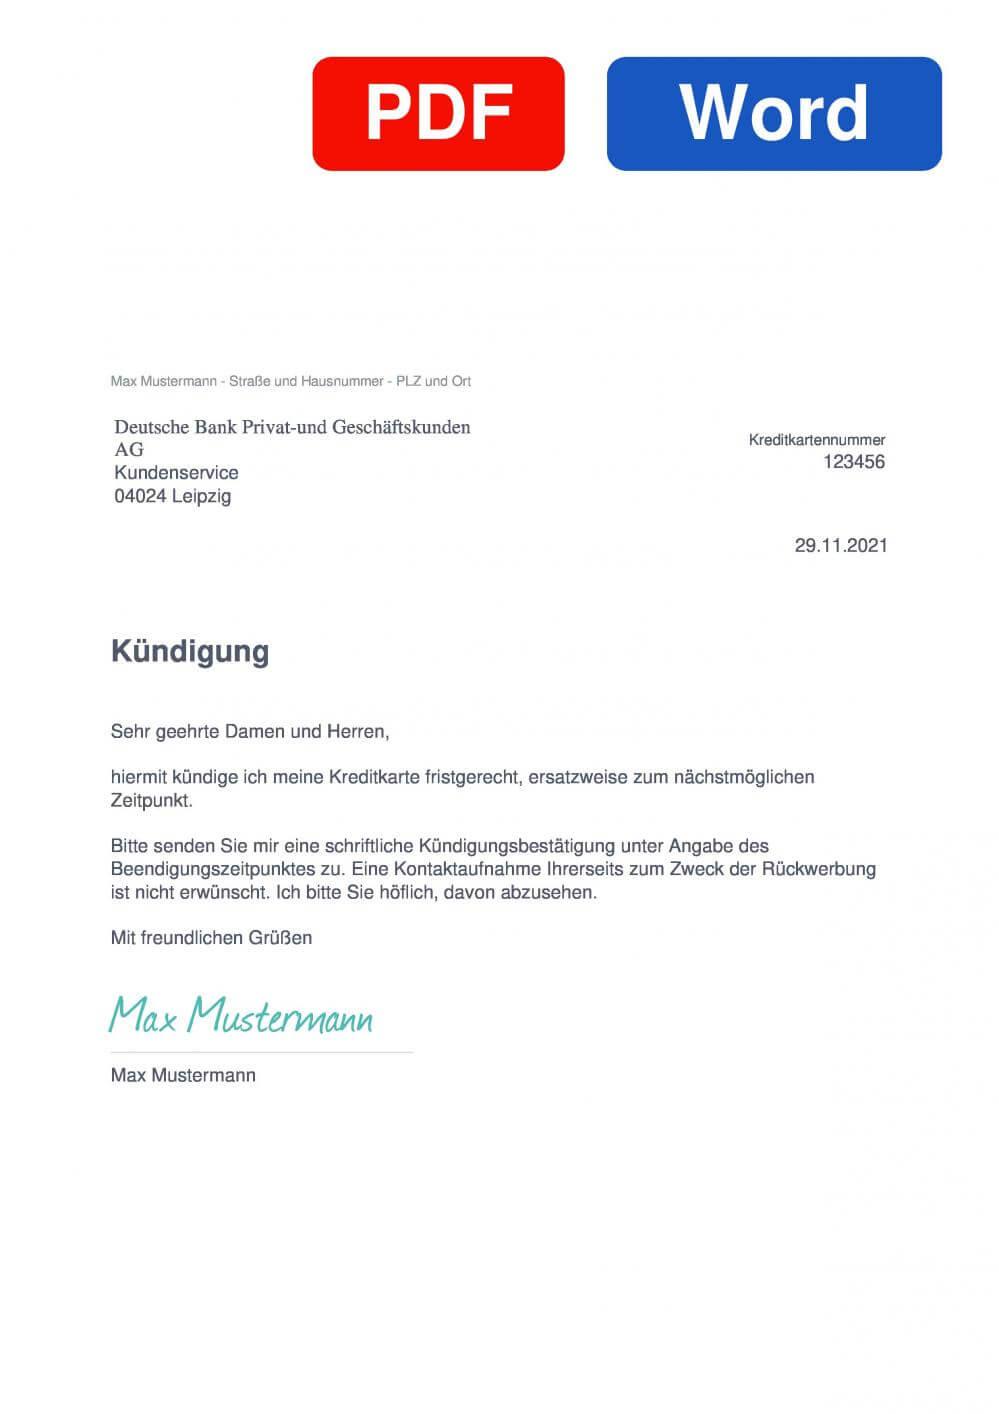 Deutsche Bank Kreditkarte Muster Vorlage für Kündigungsschreiben